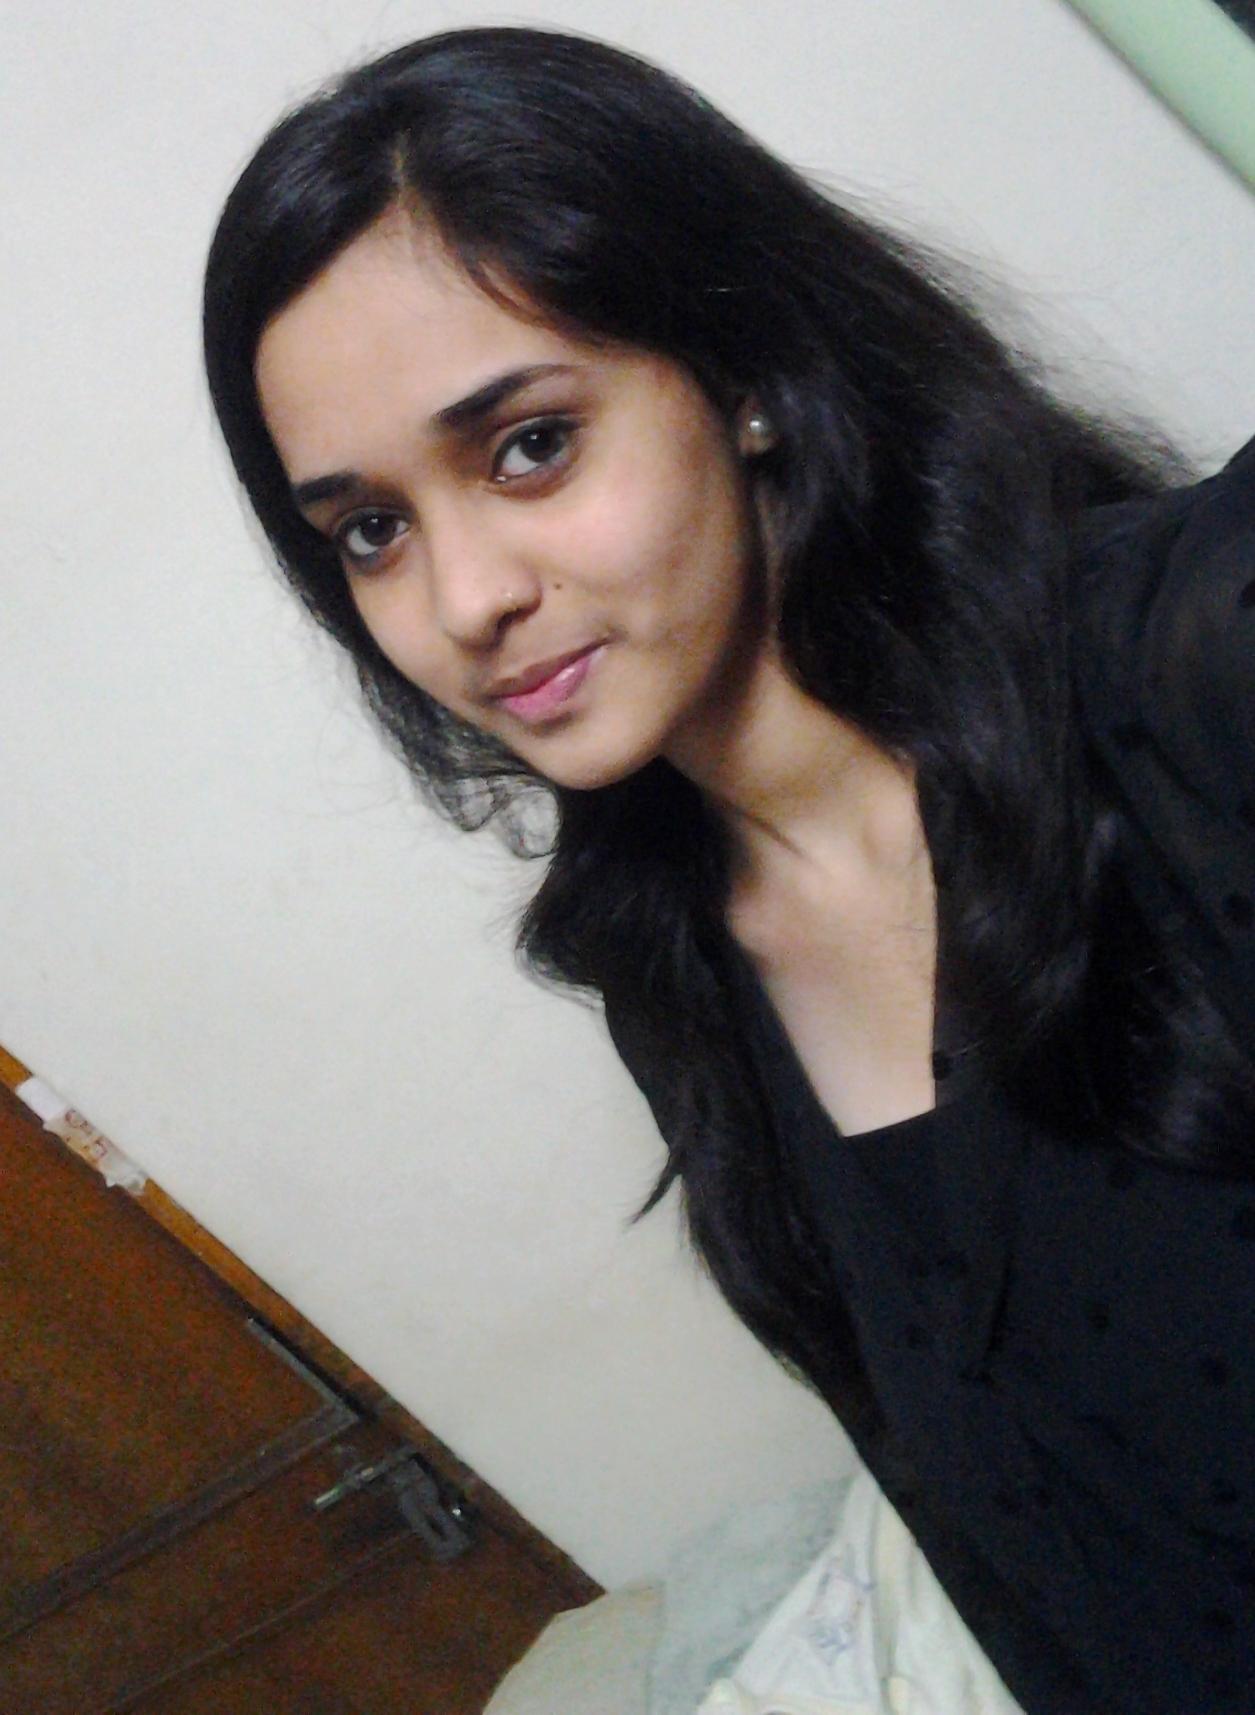 Aastikta Sharma